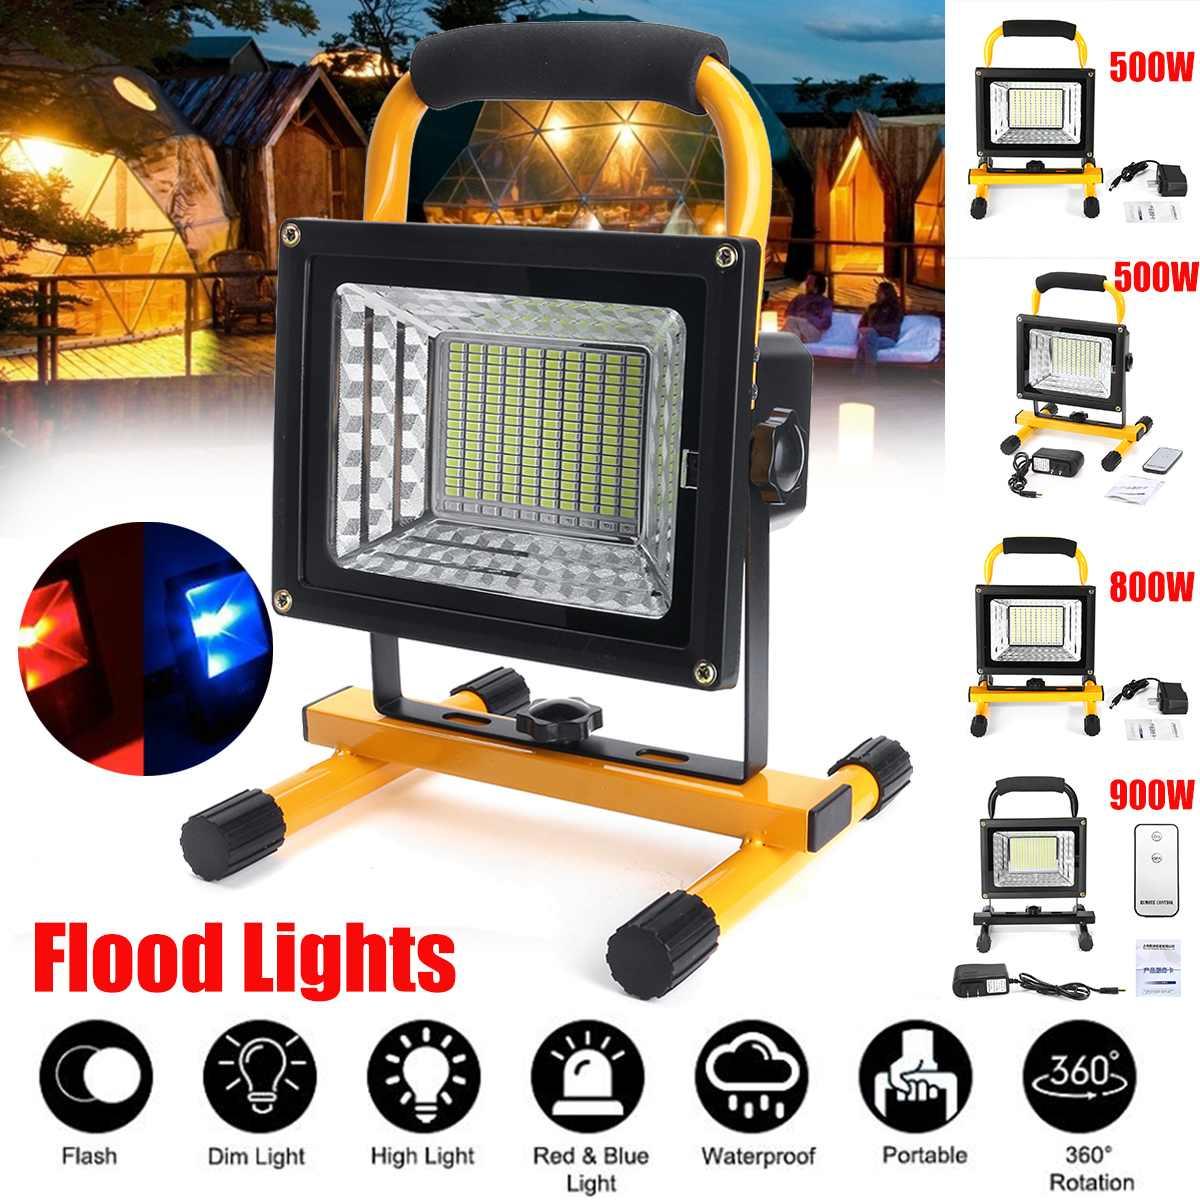 500/800/900W LED Taşınabilir Şarj Edilebilir Projektör Su Geçirmez Spot Akülü Projektör Açık Çalışma Lambası Kamp